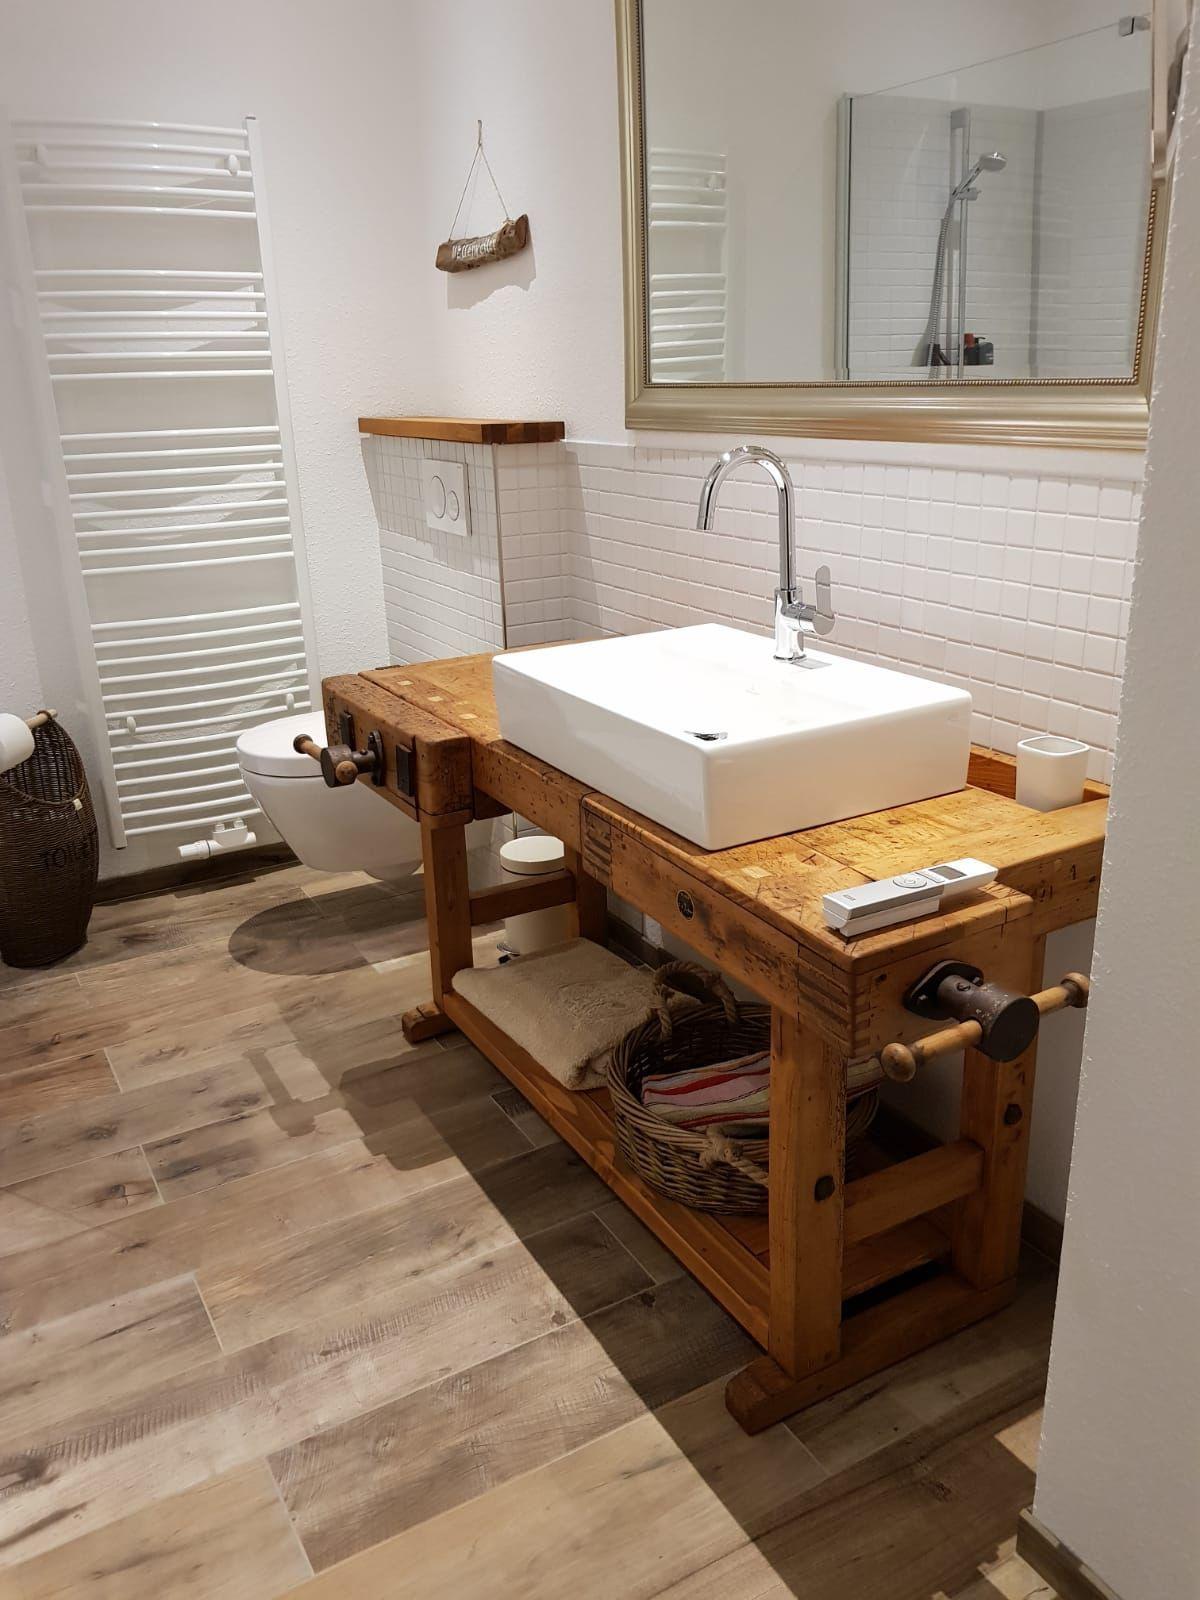 Waschtisch Aus Alter Hobelbank S L Loftart Waschtisch Workbench Hobelbank Bader Alter Aus Ho Wash Basin Bathroom Design Decor Diy Bathroom Vanity